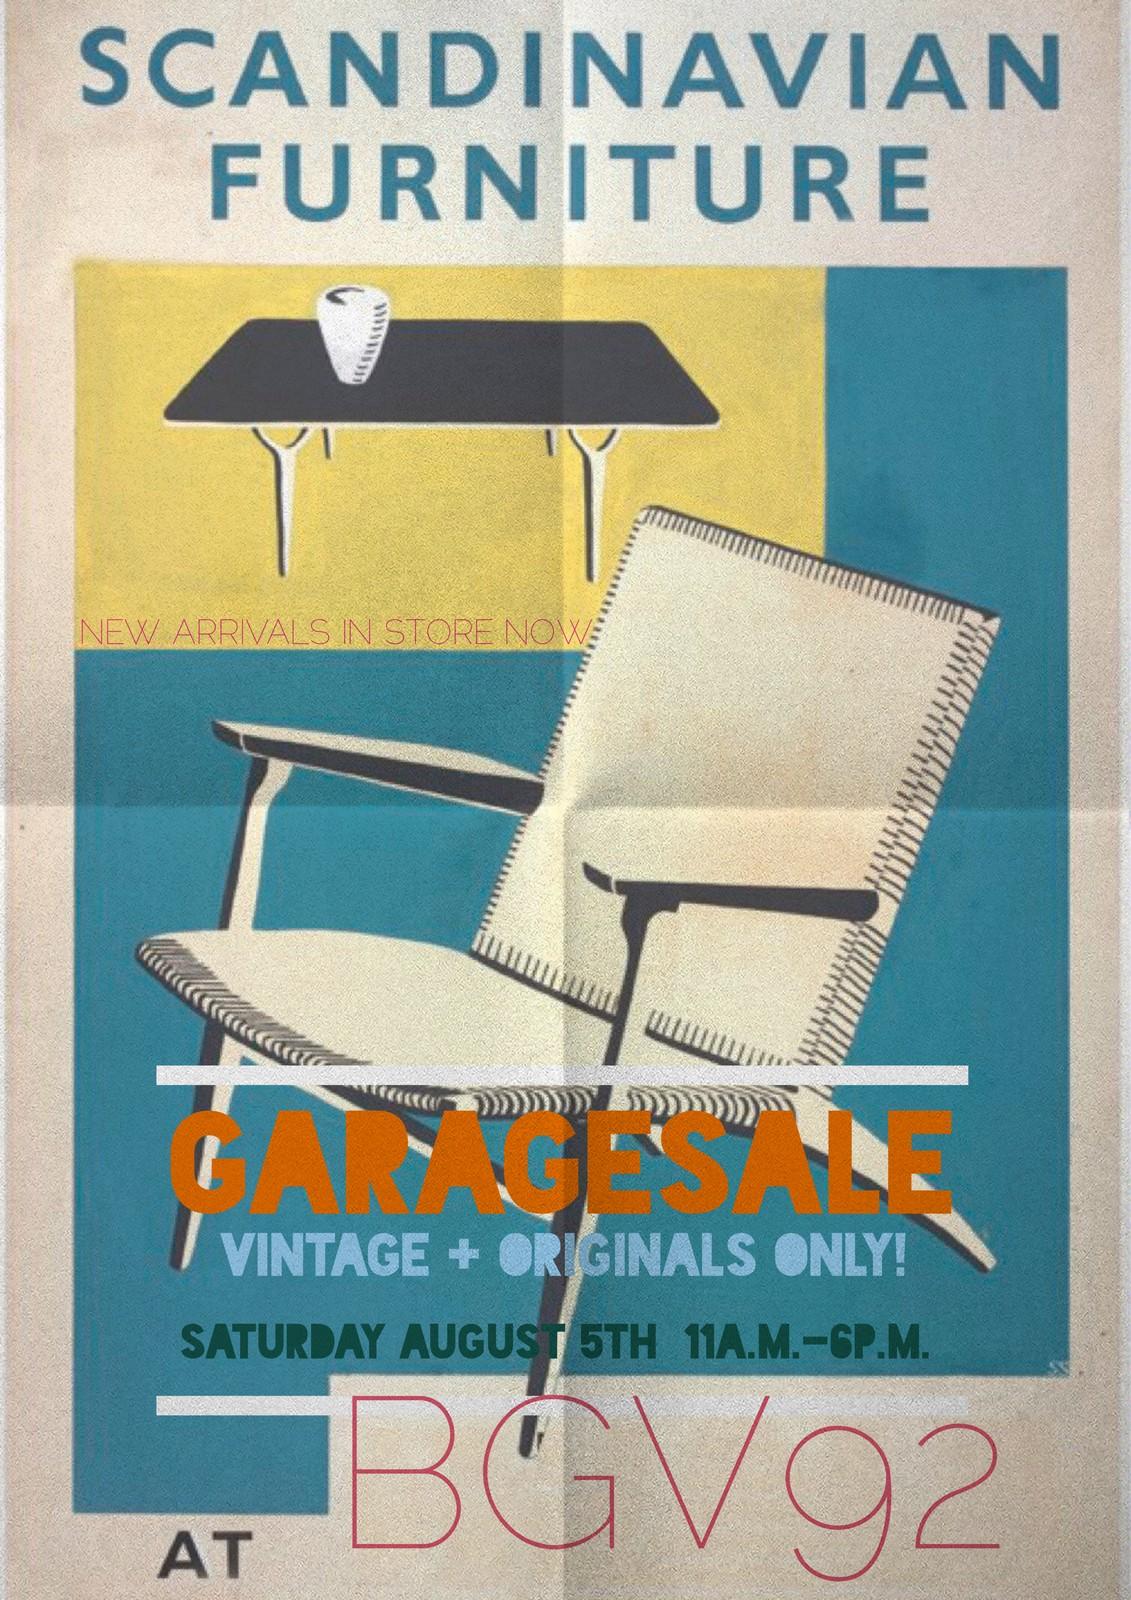 Zaterdag 5 augustus, open met veel nieuwe, interessante spullen. Vintage galore!